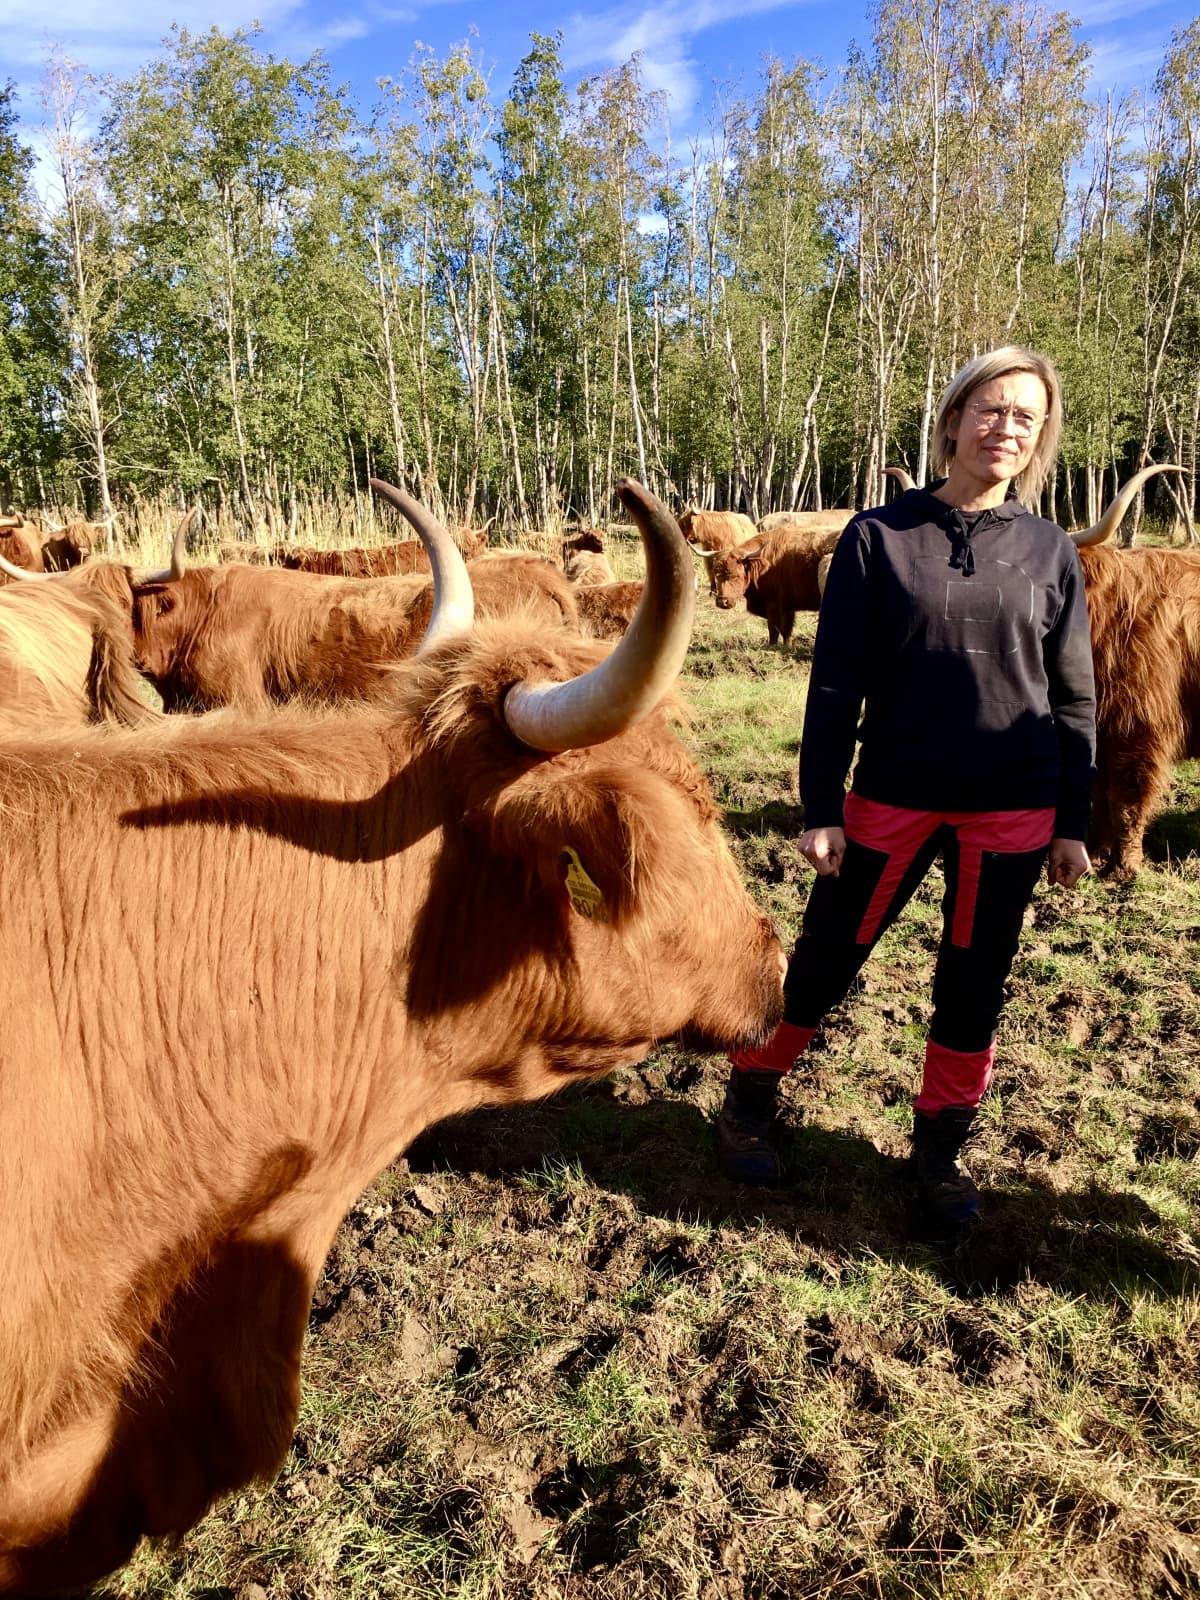 Marika Koski ylämaankarjan ympäröimänä